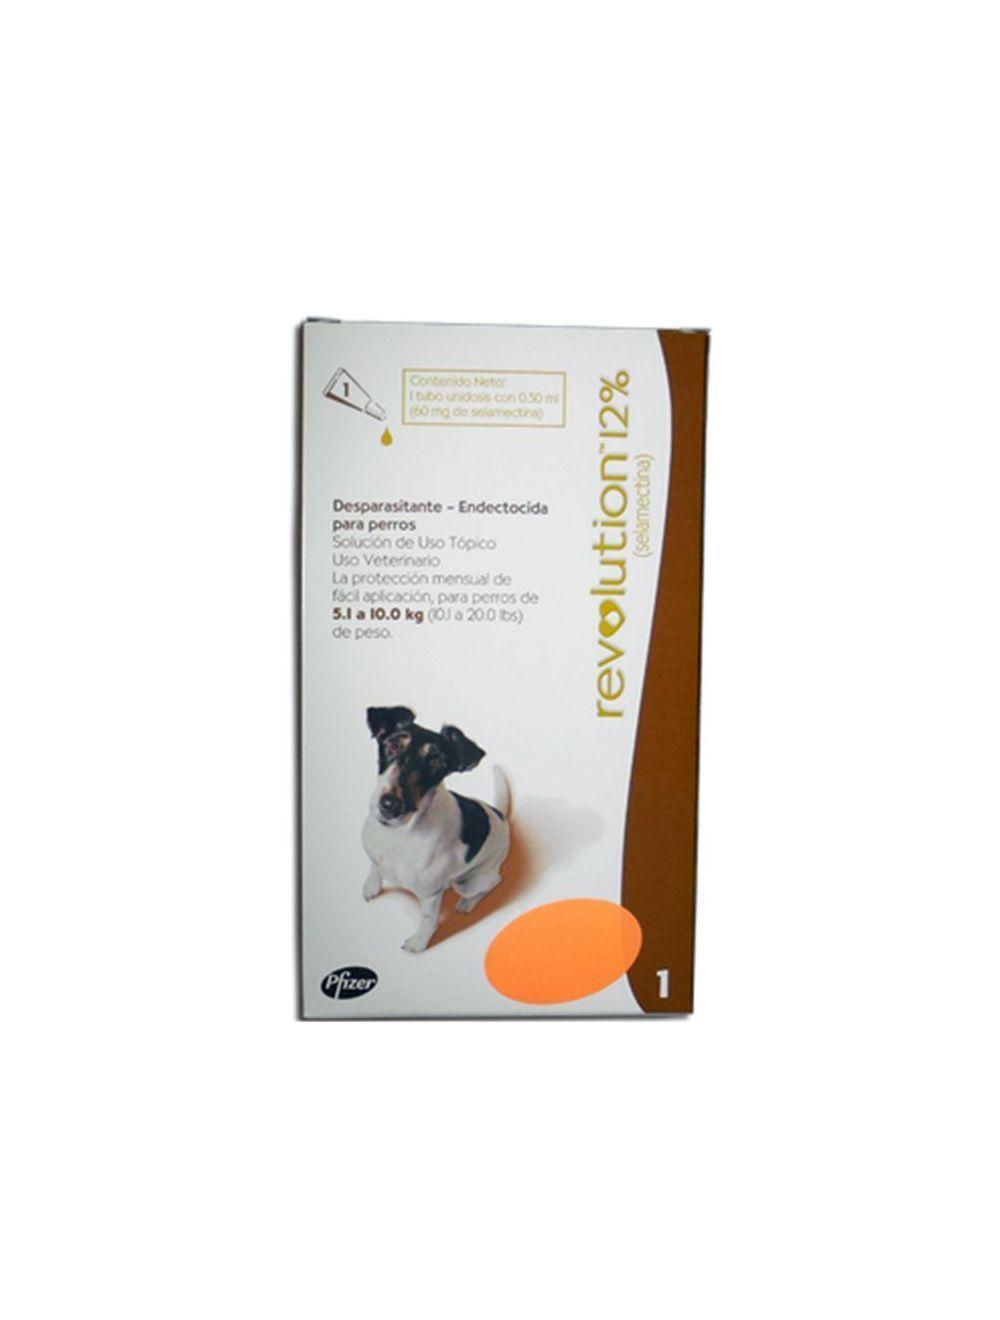 Revolution 12% Perros 5.1 10.0 kg 0.50 ml-Ciudaddemascotas.com